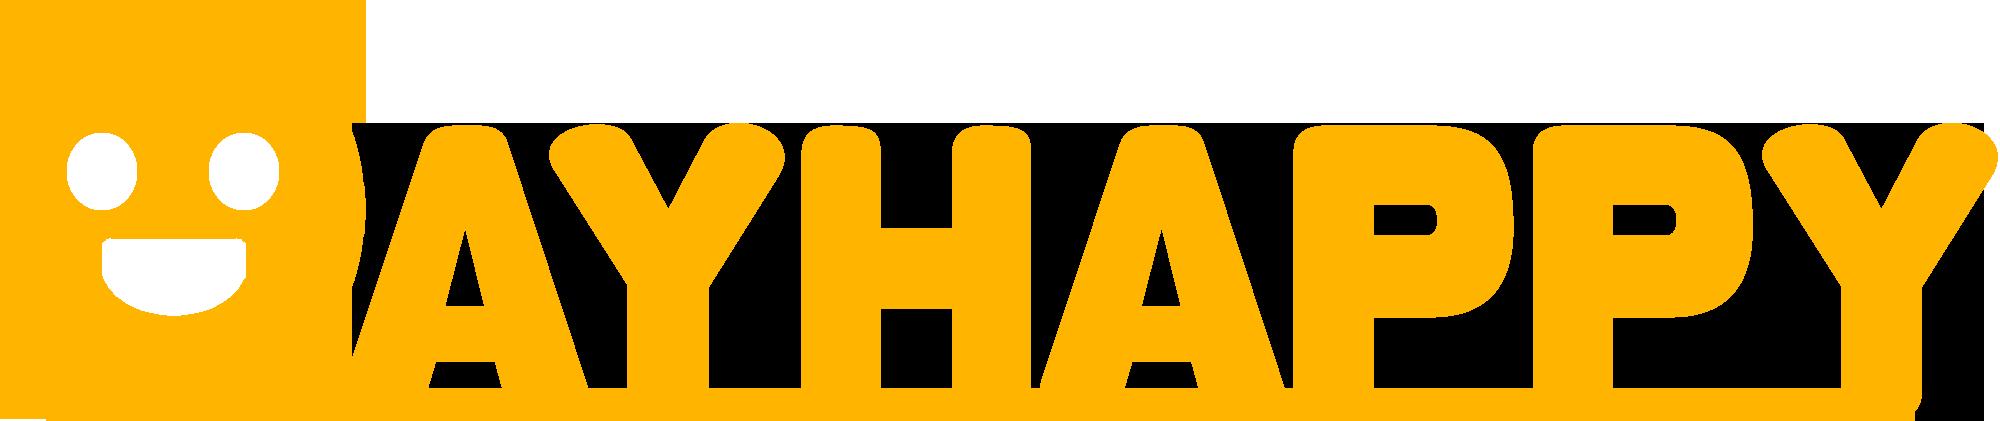 熊本市のお得なクーポンサイトDayhappyロゴ